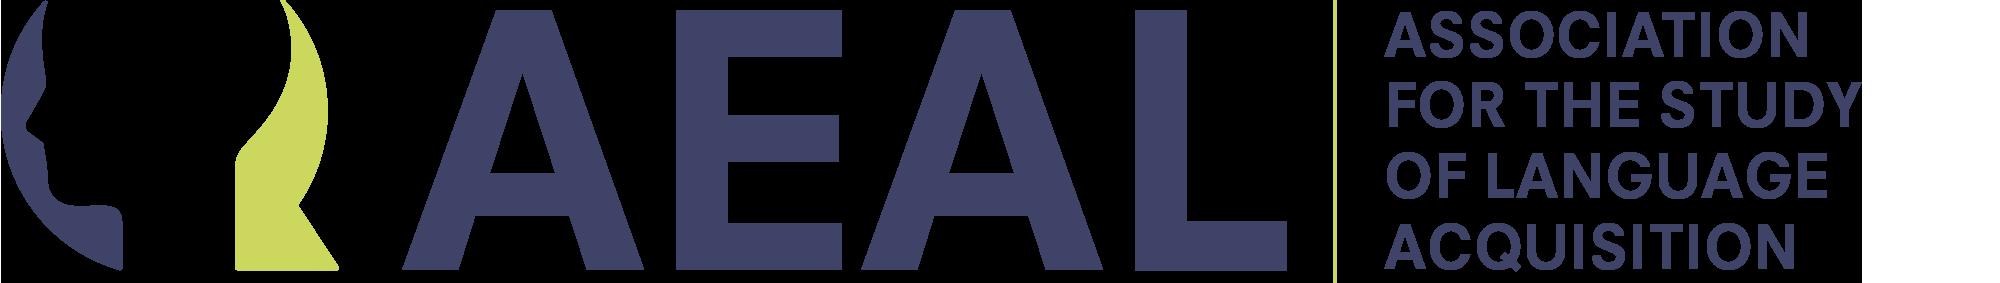 Asociación para el Estudio de la Adquisición del Lenguaje